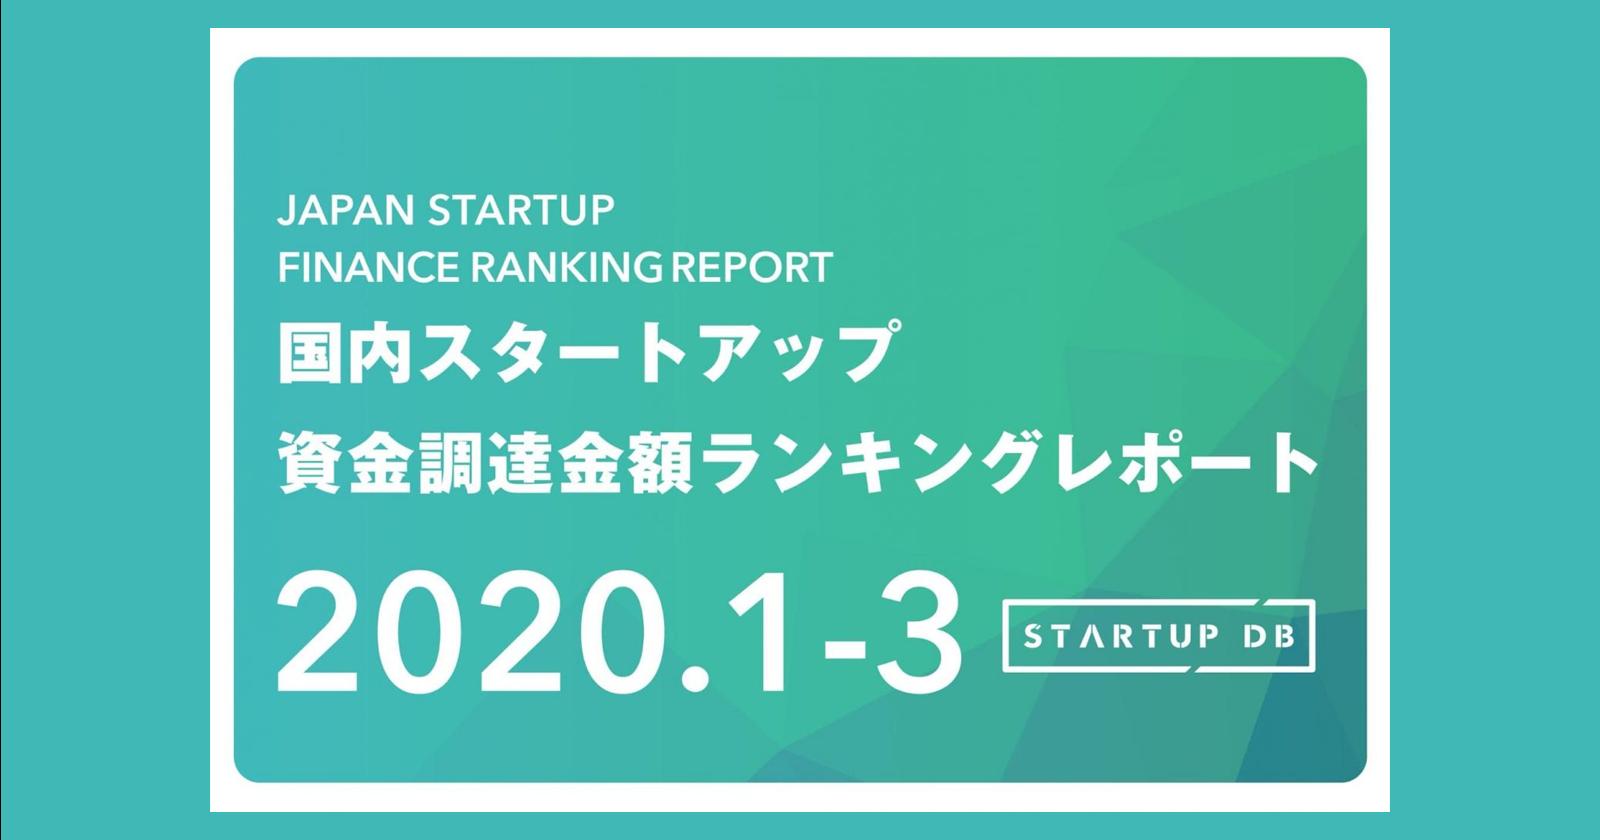 【STARTUP DB】調査結果 国内スタートアップ資金調達ランキング  2020年初となる100億円の資金調達を成功、VPP Japanが首位に